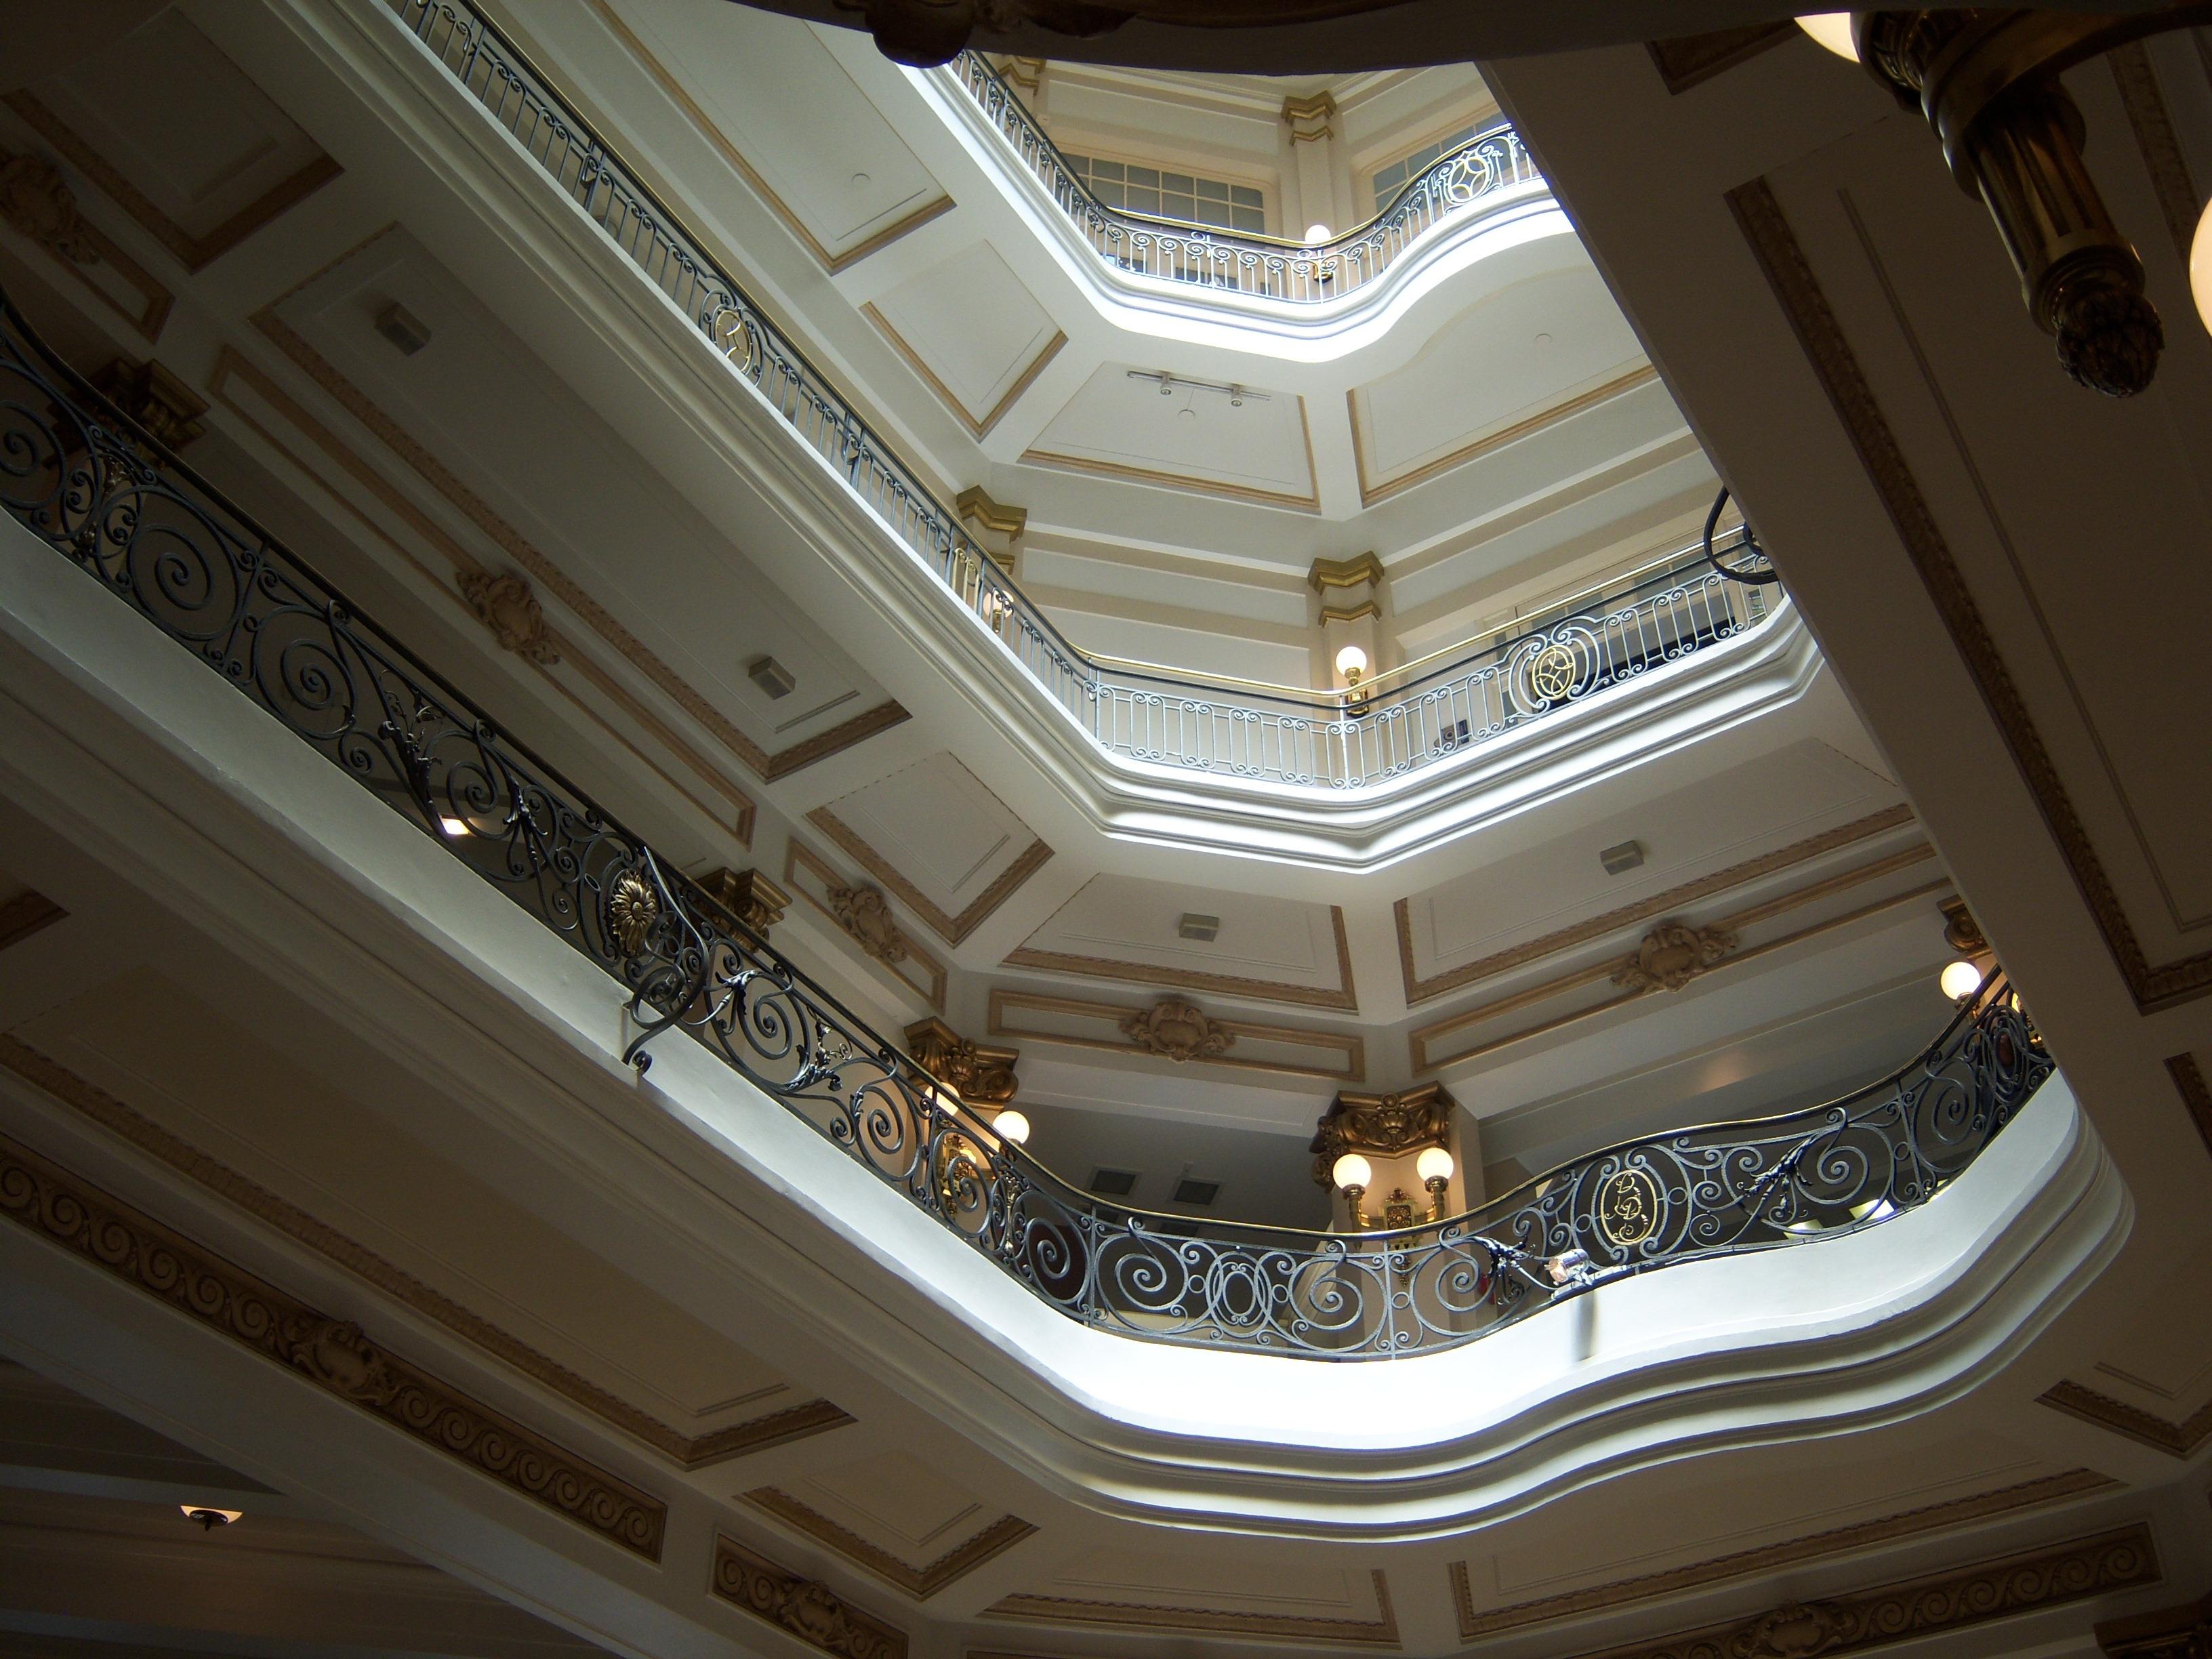 Images Gratuites : lumière, architecture, plafond, lucarne ...